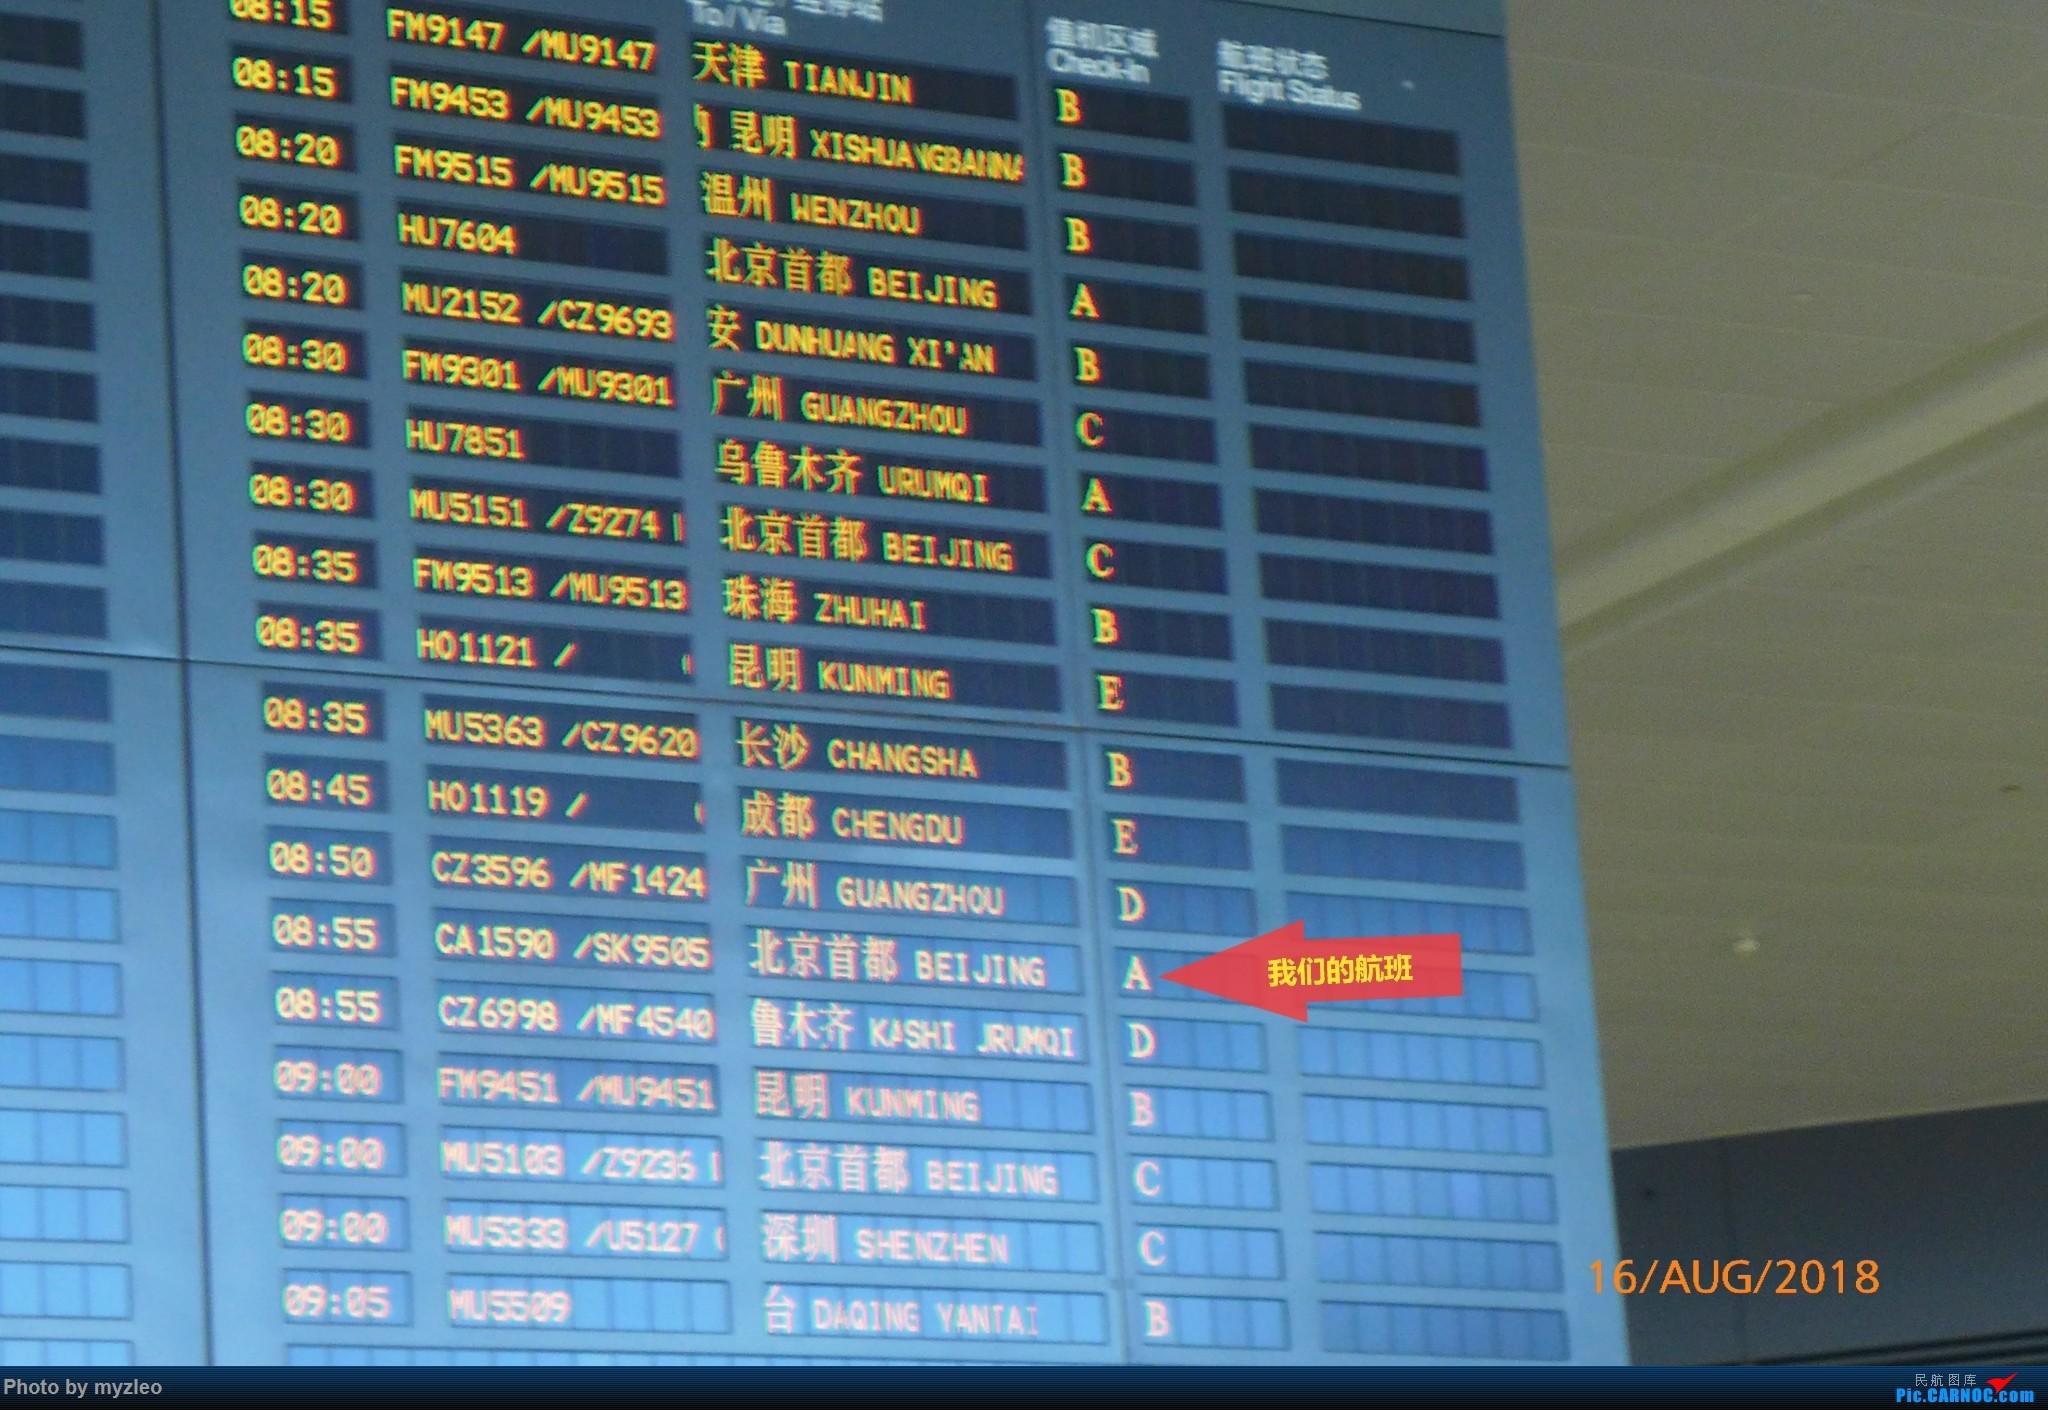 Re:[原创]【myzleo的游记3.1】三访帝都——记一次意外的惊喜,大鹅头初遇,第一次去中关村    中国上海虹桥国际机场